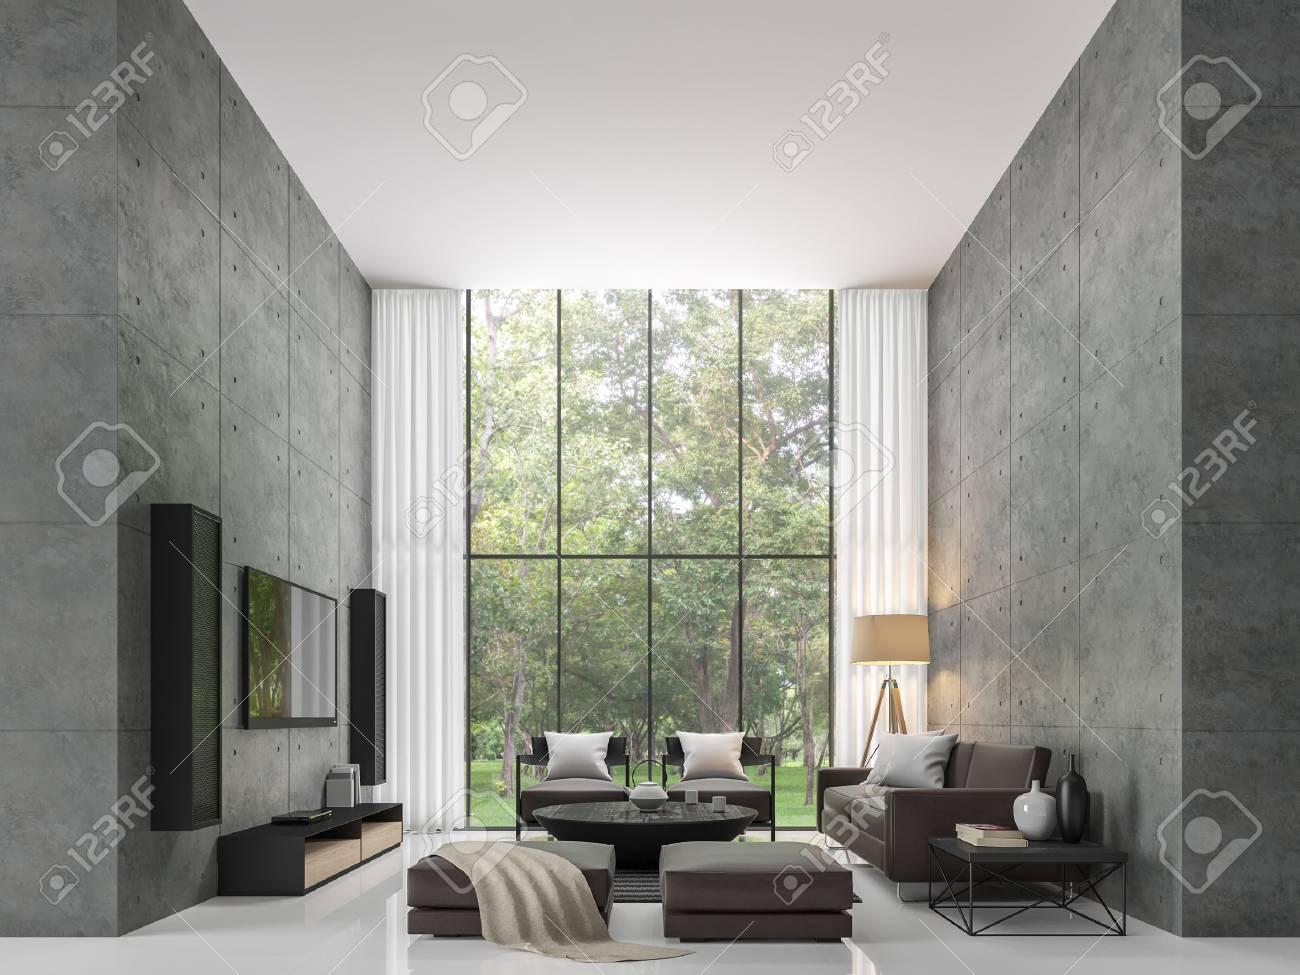 Salon de loft moderne intérieur image de salon moderne le salon est un  grand plâtre en béton fermée en perspective et grandes fenêtres de fenêtre  . ...